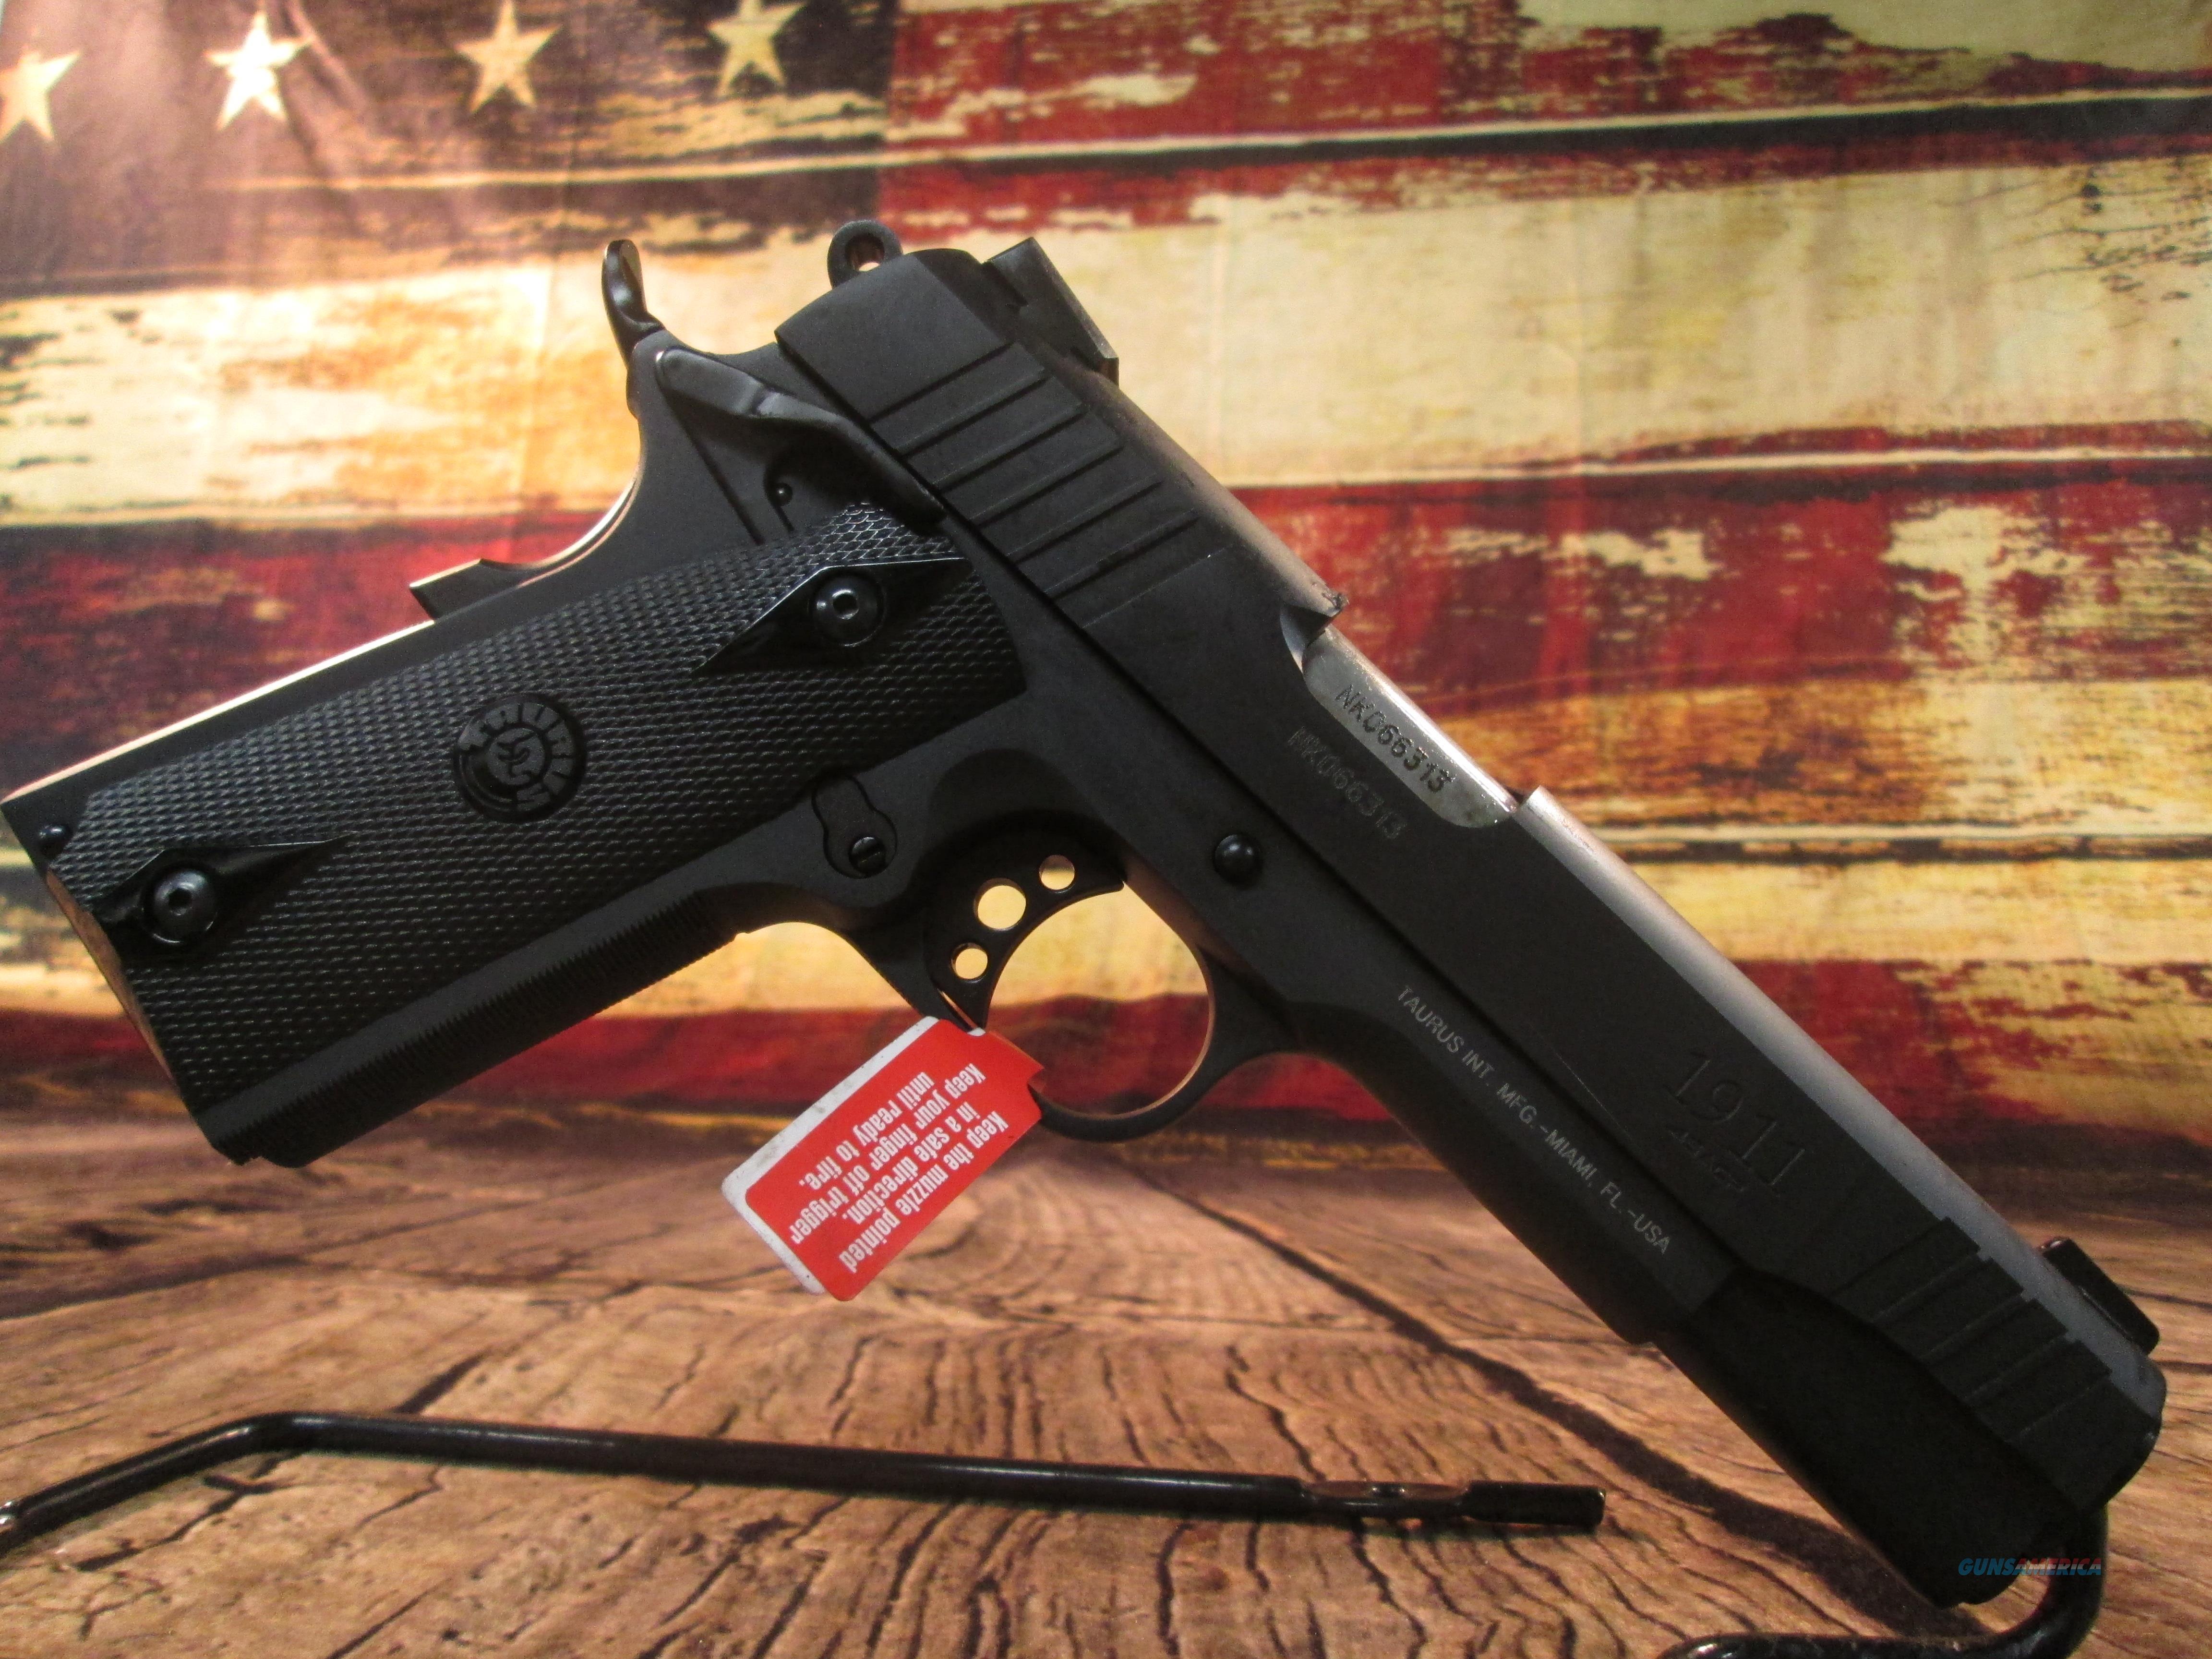 TAURUS 1911 STANDARD .45 ACP W/ HEINIE SIGHT NEW (1-191101FS)  Guns > Pistols > Taurus Pistols > Semi Auto Pistols > Steel Frame